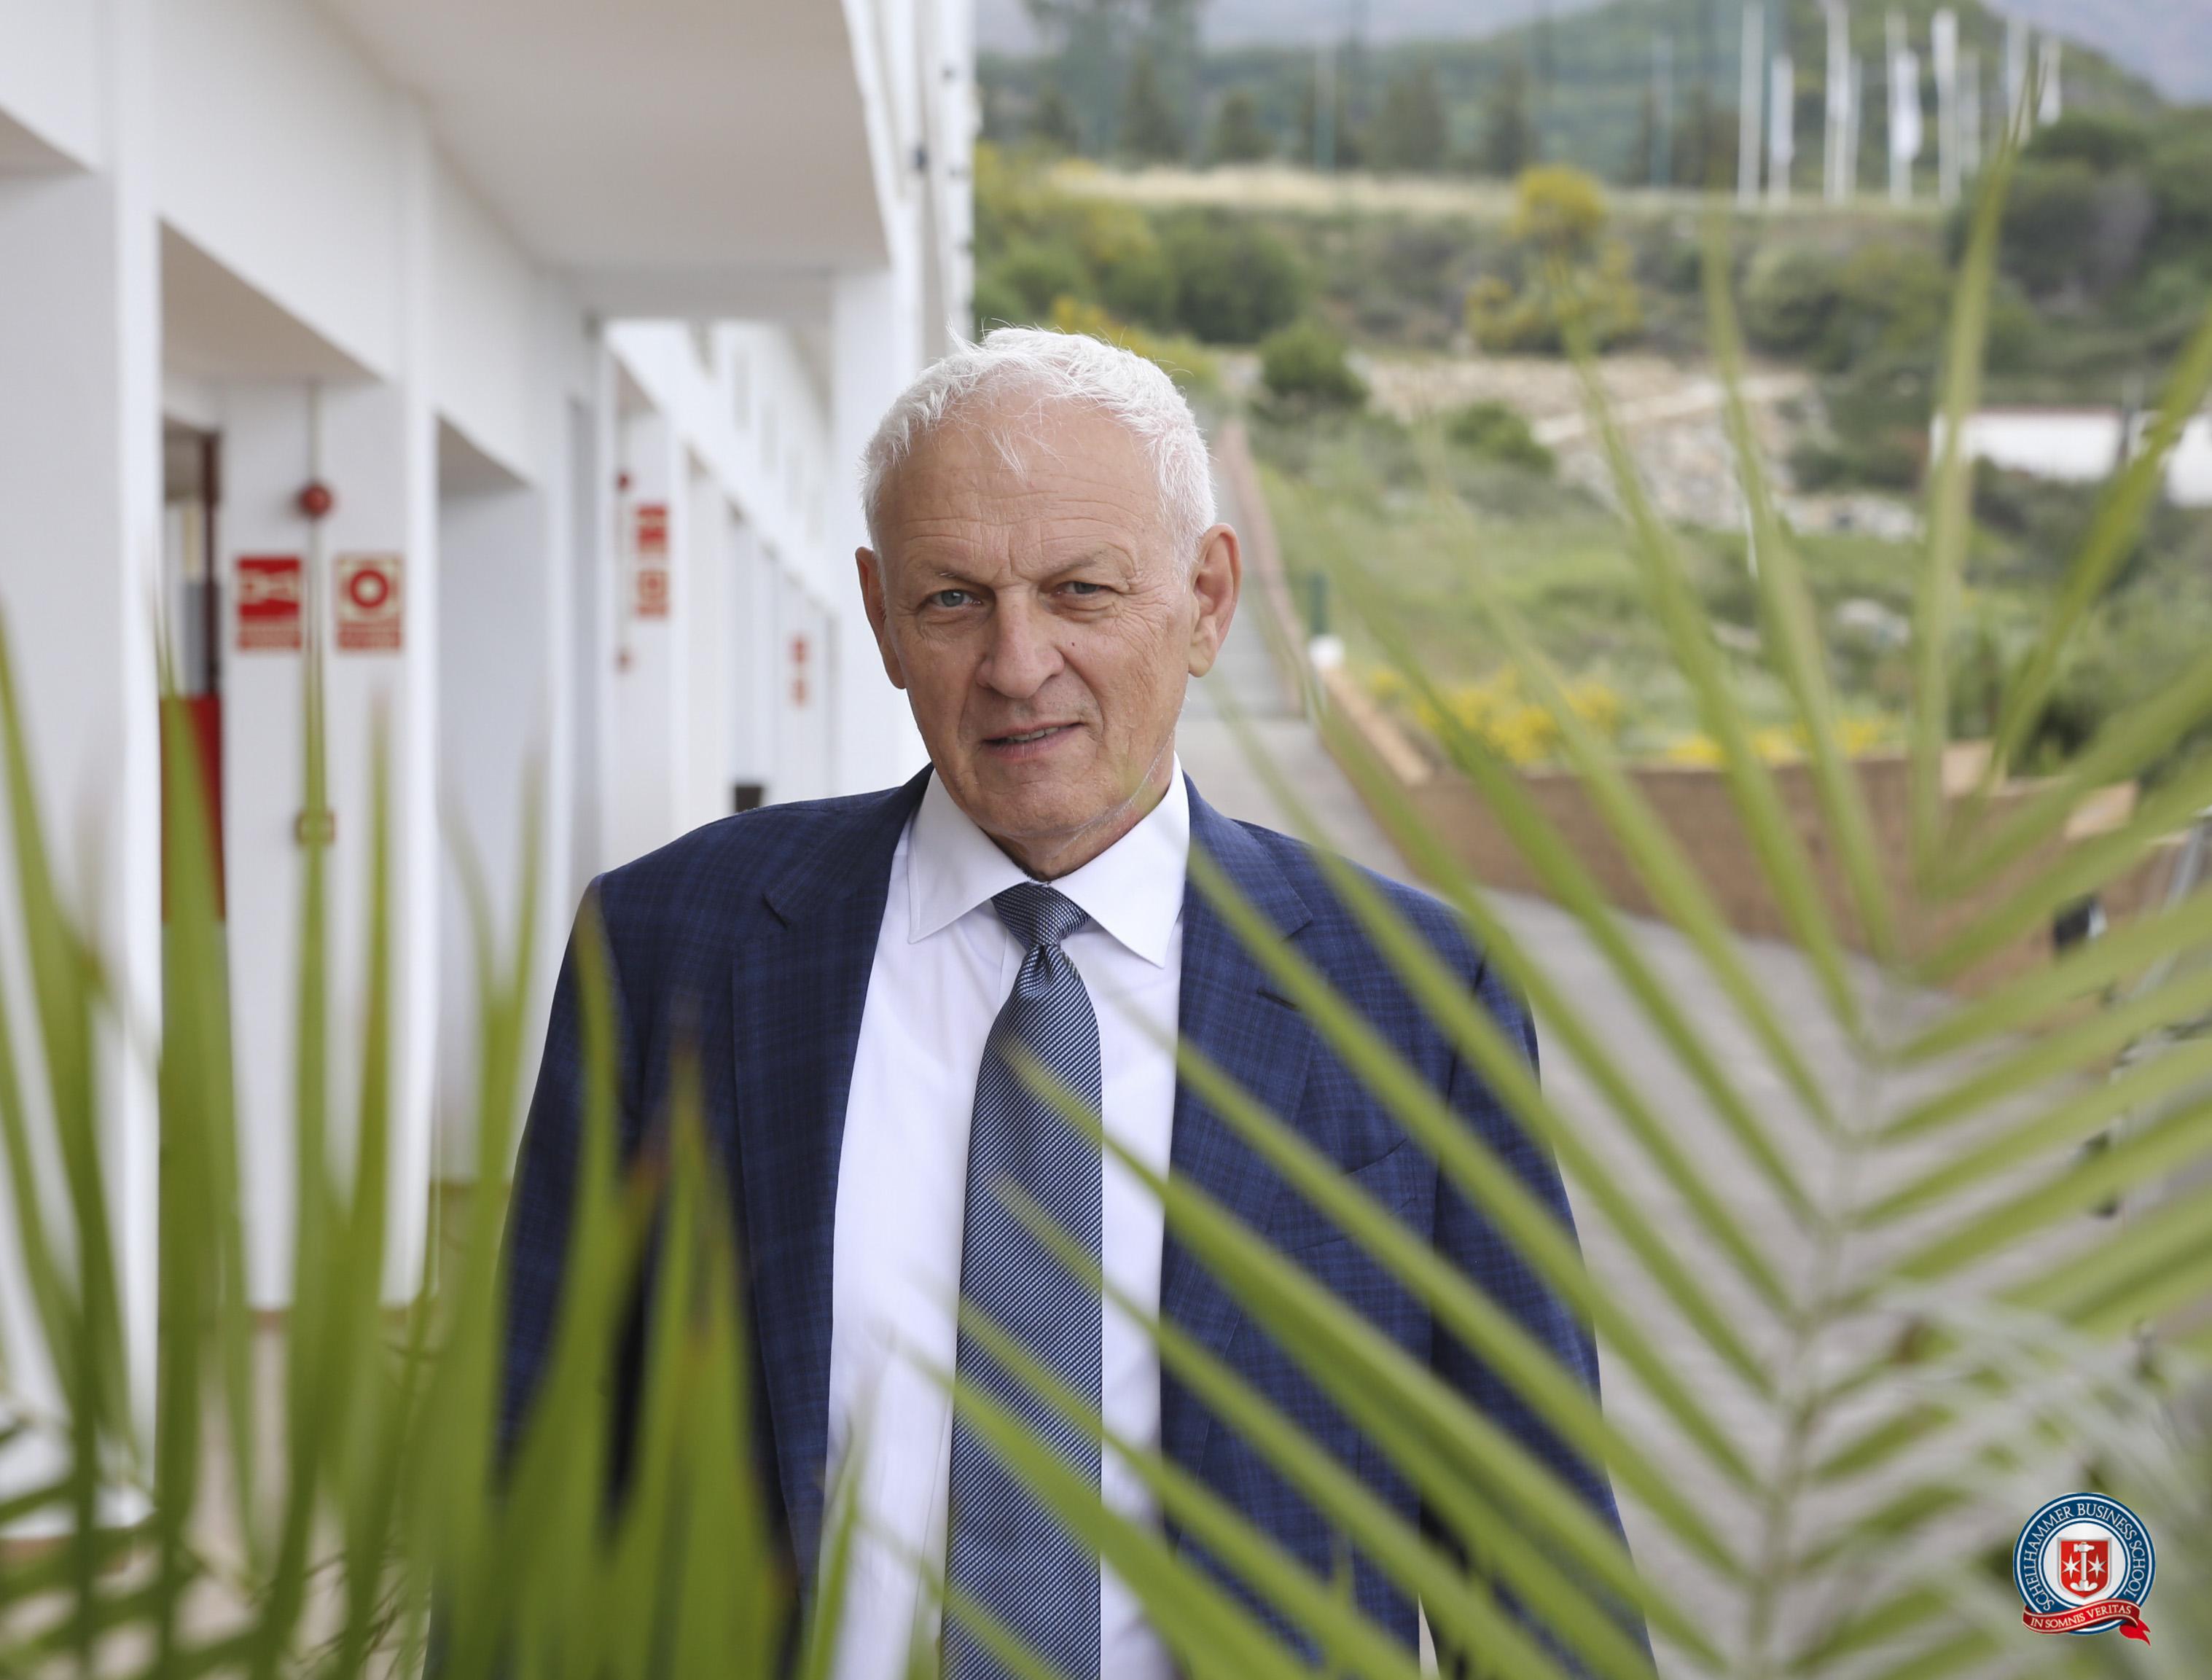 Dr Edward Schellhammer